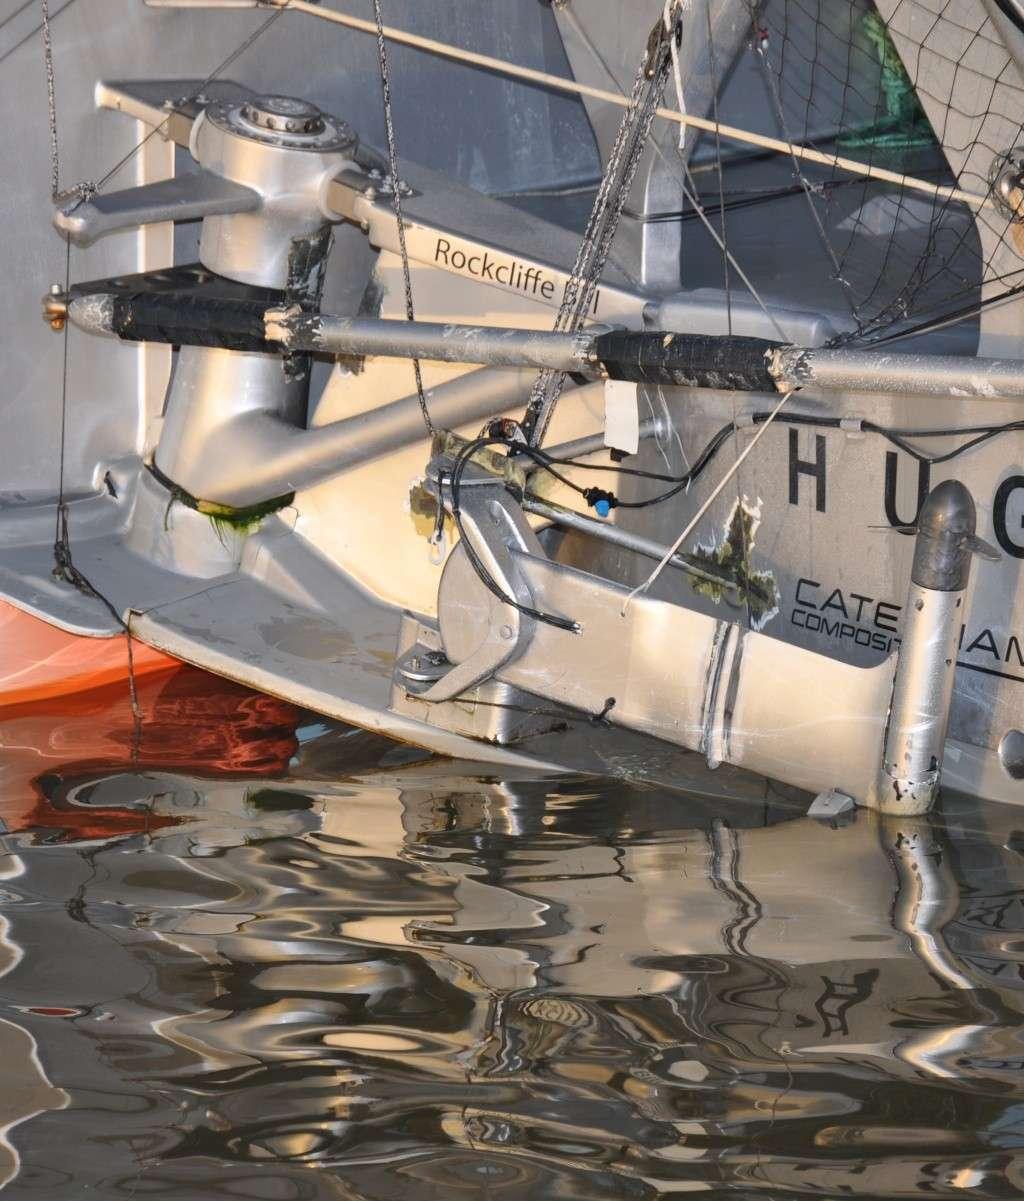 Vendée globe 2012 2013 : les bateaux - Page 4 Boss210